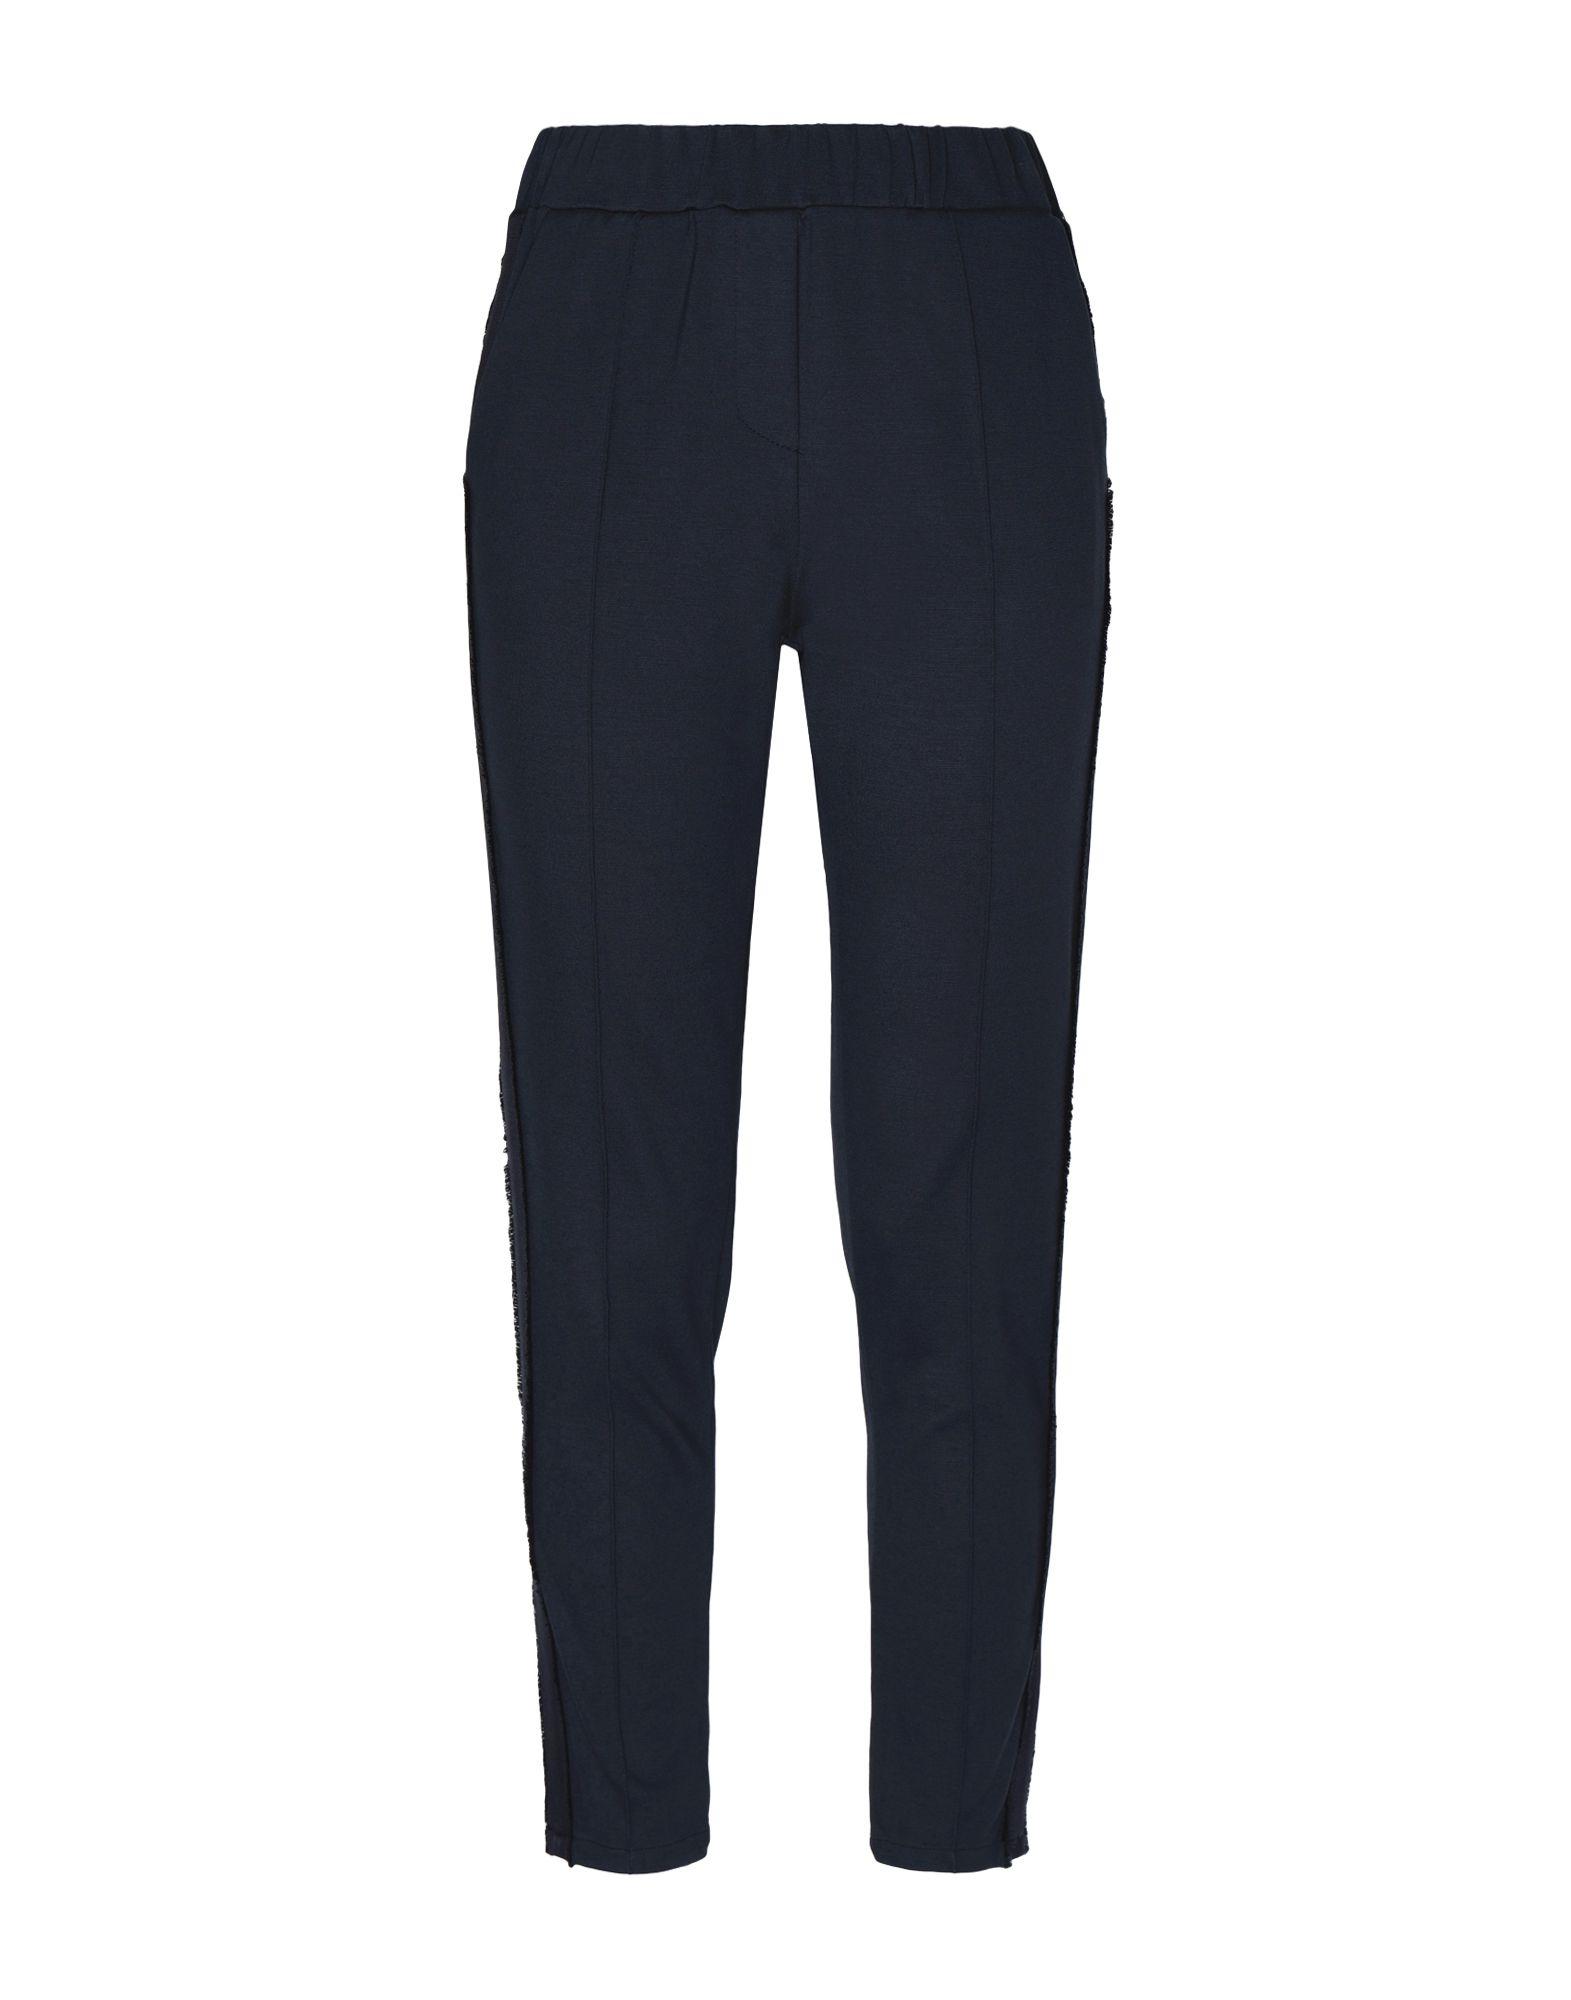 8 by YOOX Повседневные брюки by ti mo женские брюки с высокой талией